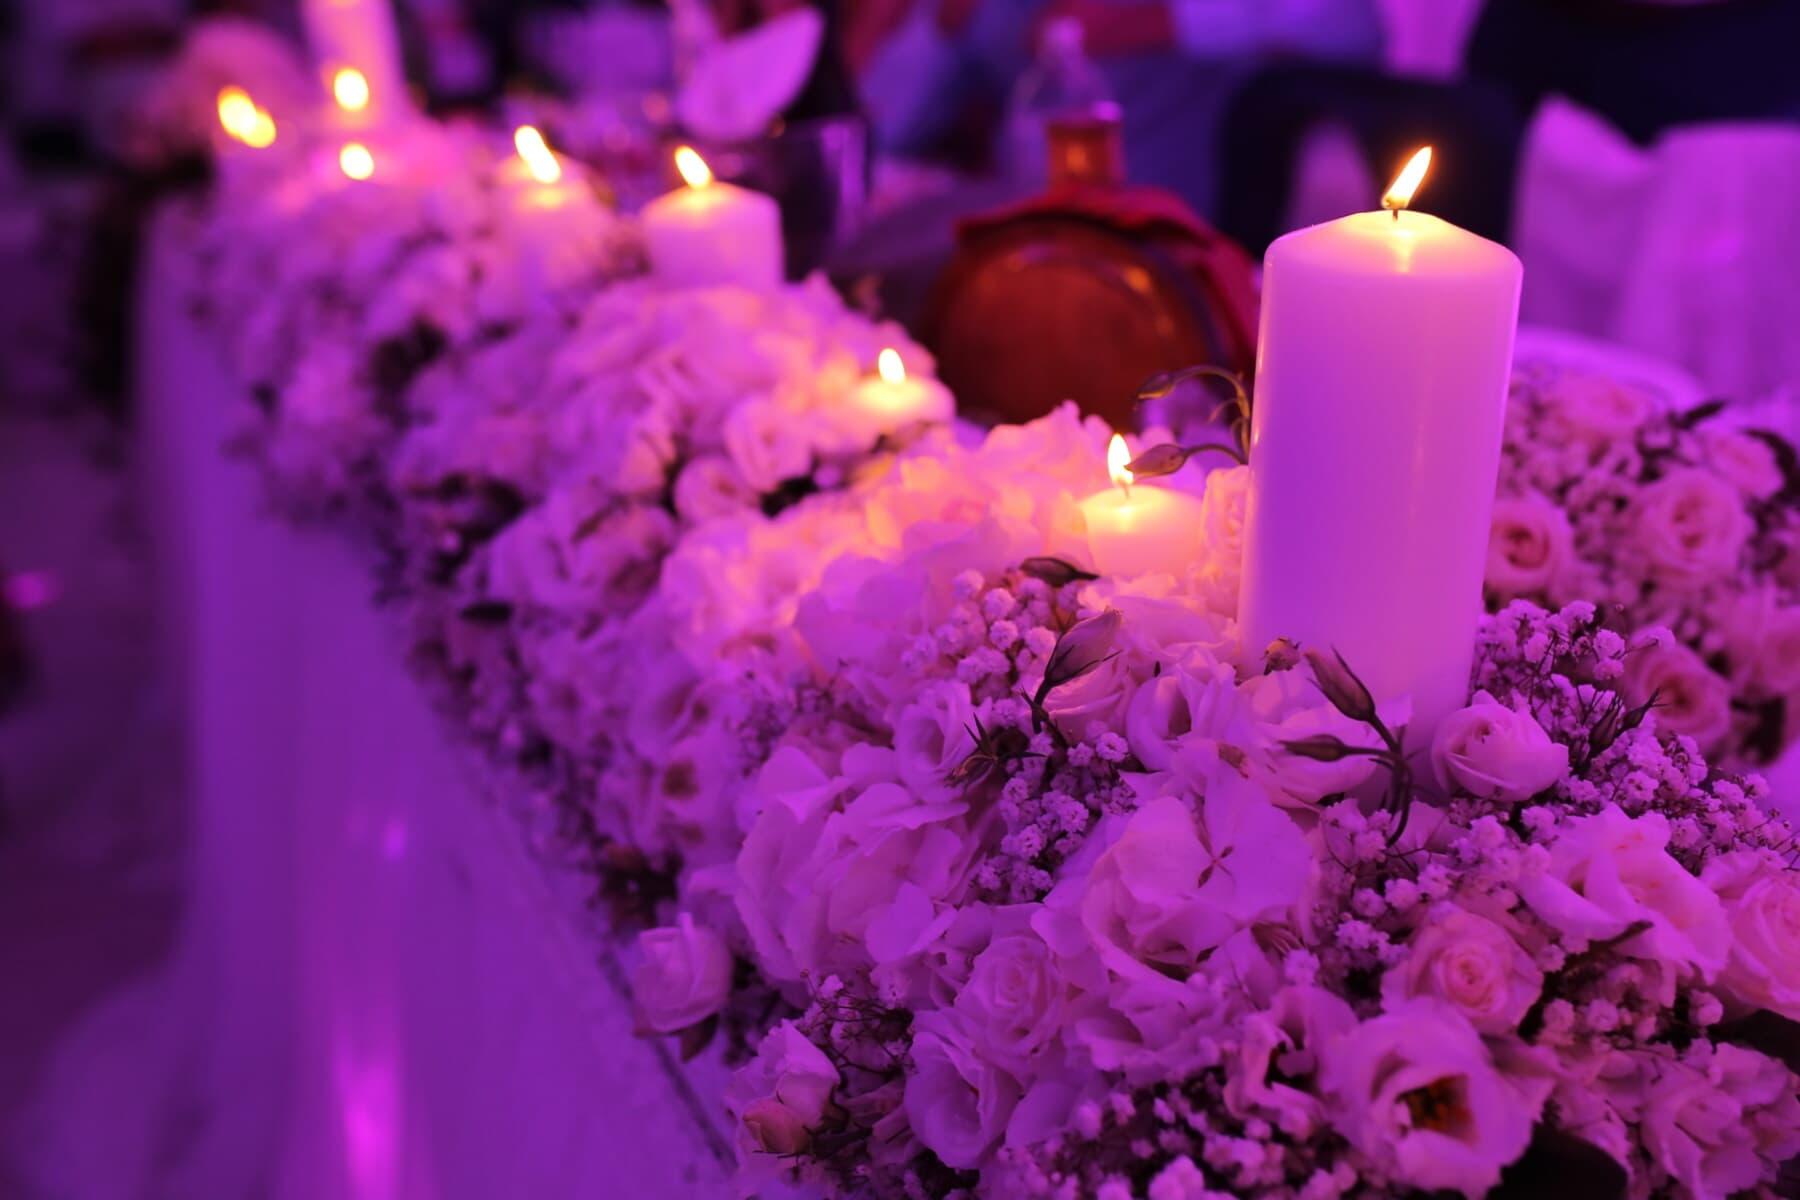 bougies, aromatique, décoration, fleur, bougie, Rose, flamme, aux chandelles, célébration, lumière